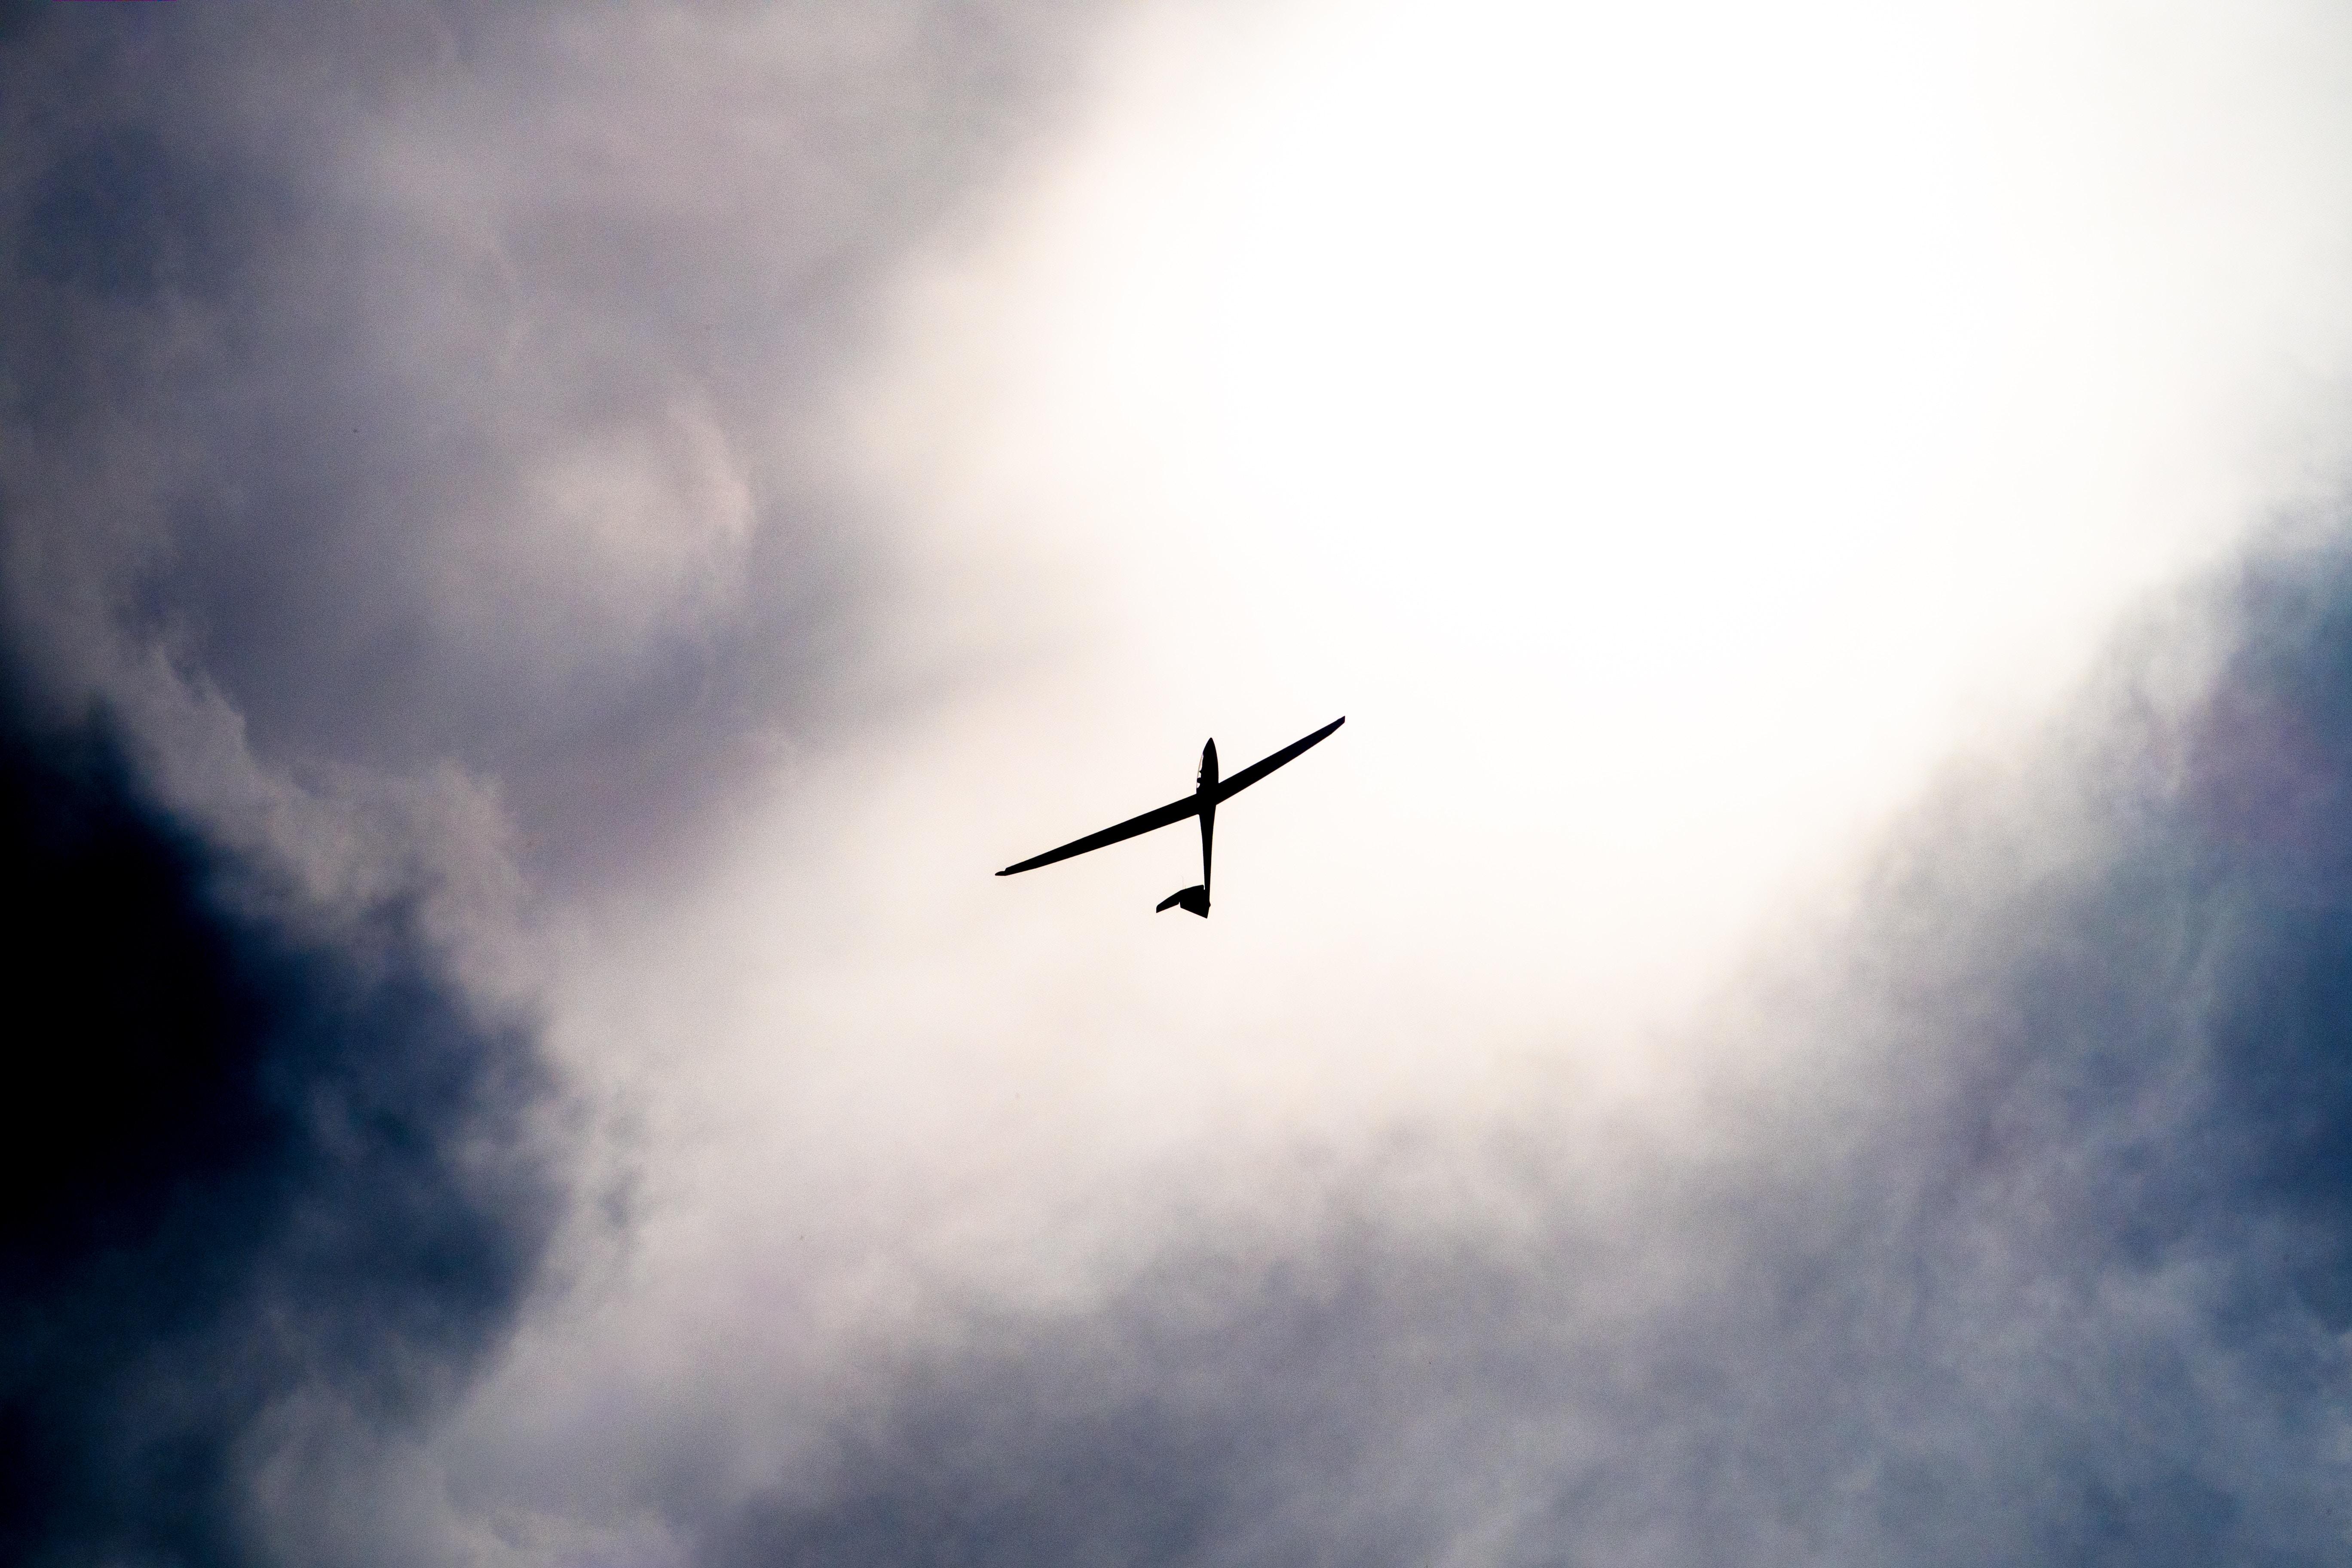 Avion solaire – Après le Solar Impulse, les évolutions d'un hybride propre du ciel : Eraole